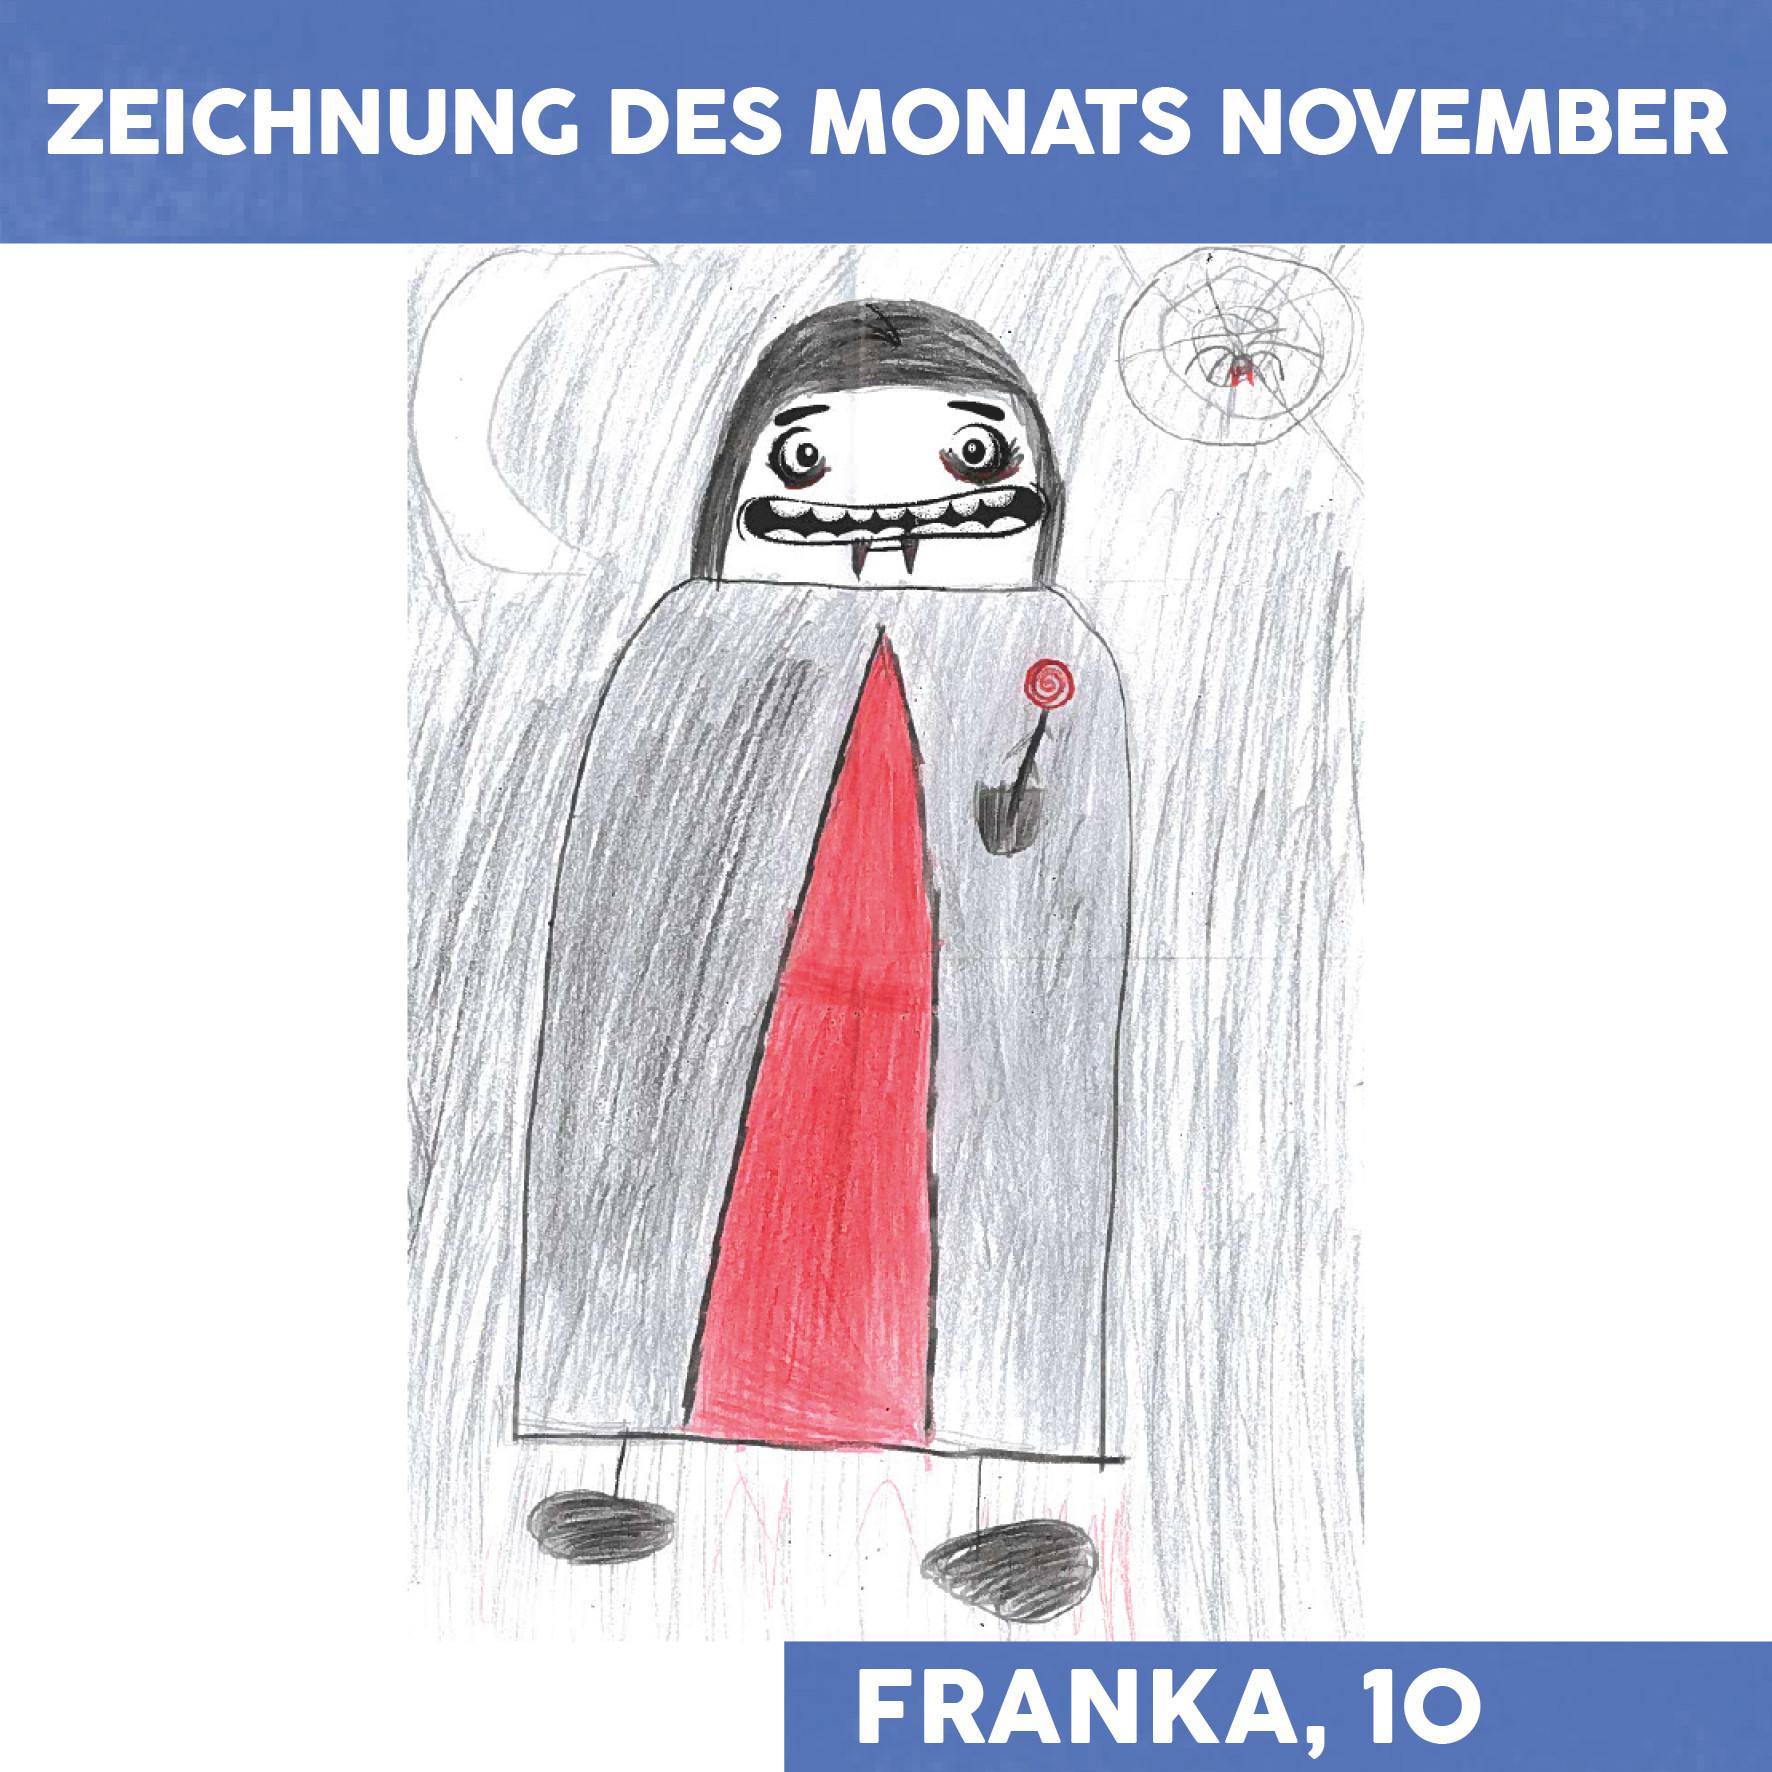 Zeichnung des Monats November